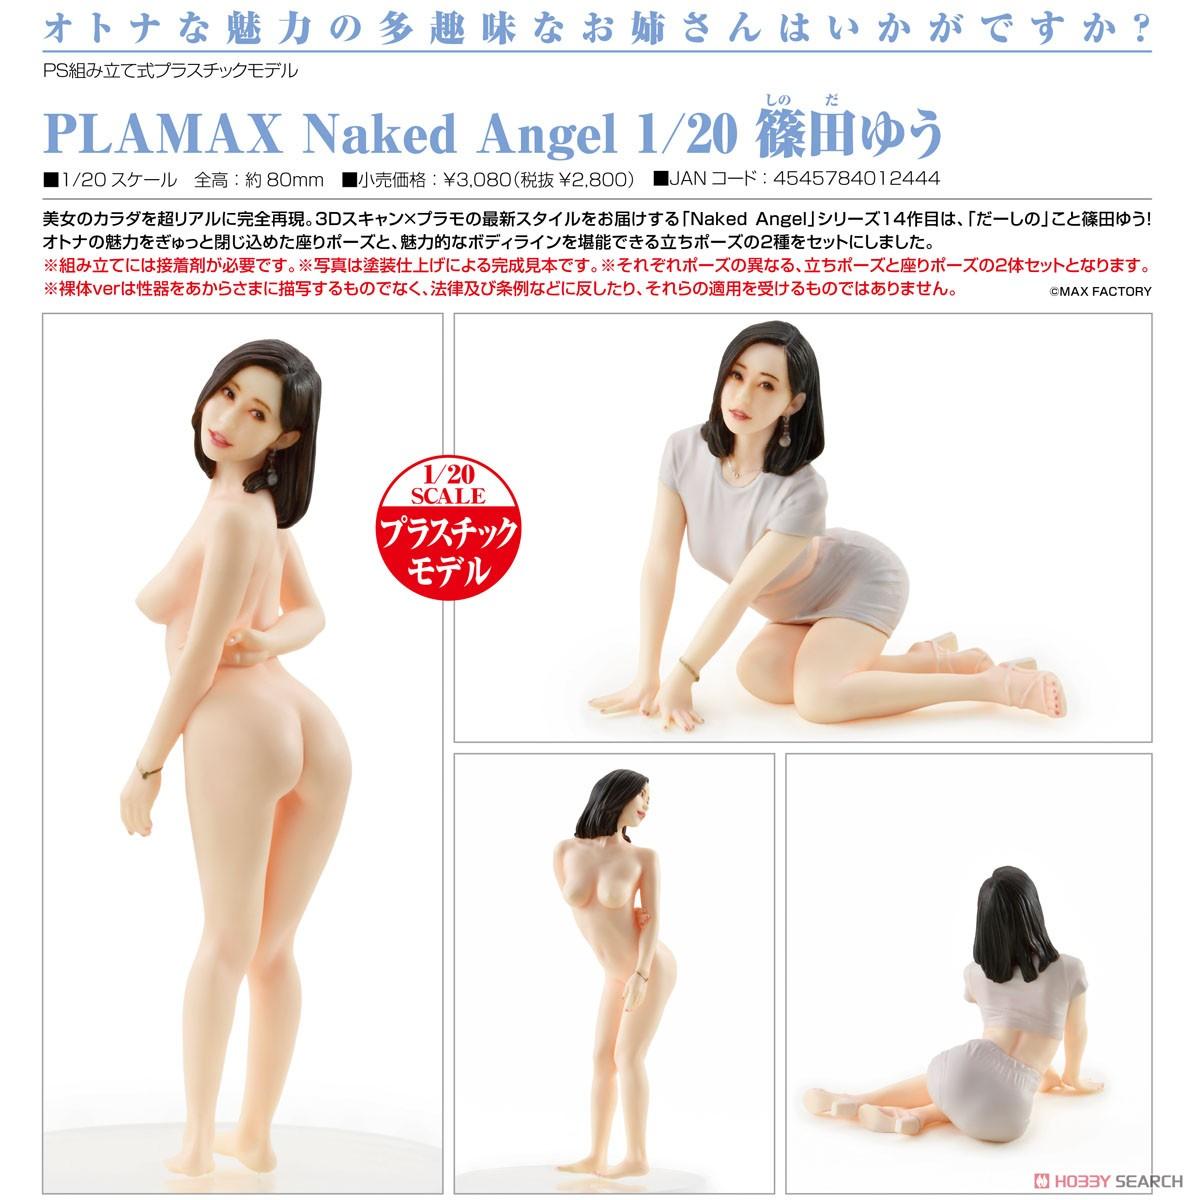 PLAMAX Naked Angel『篠田ゆう』1/20 プラモデル-005